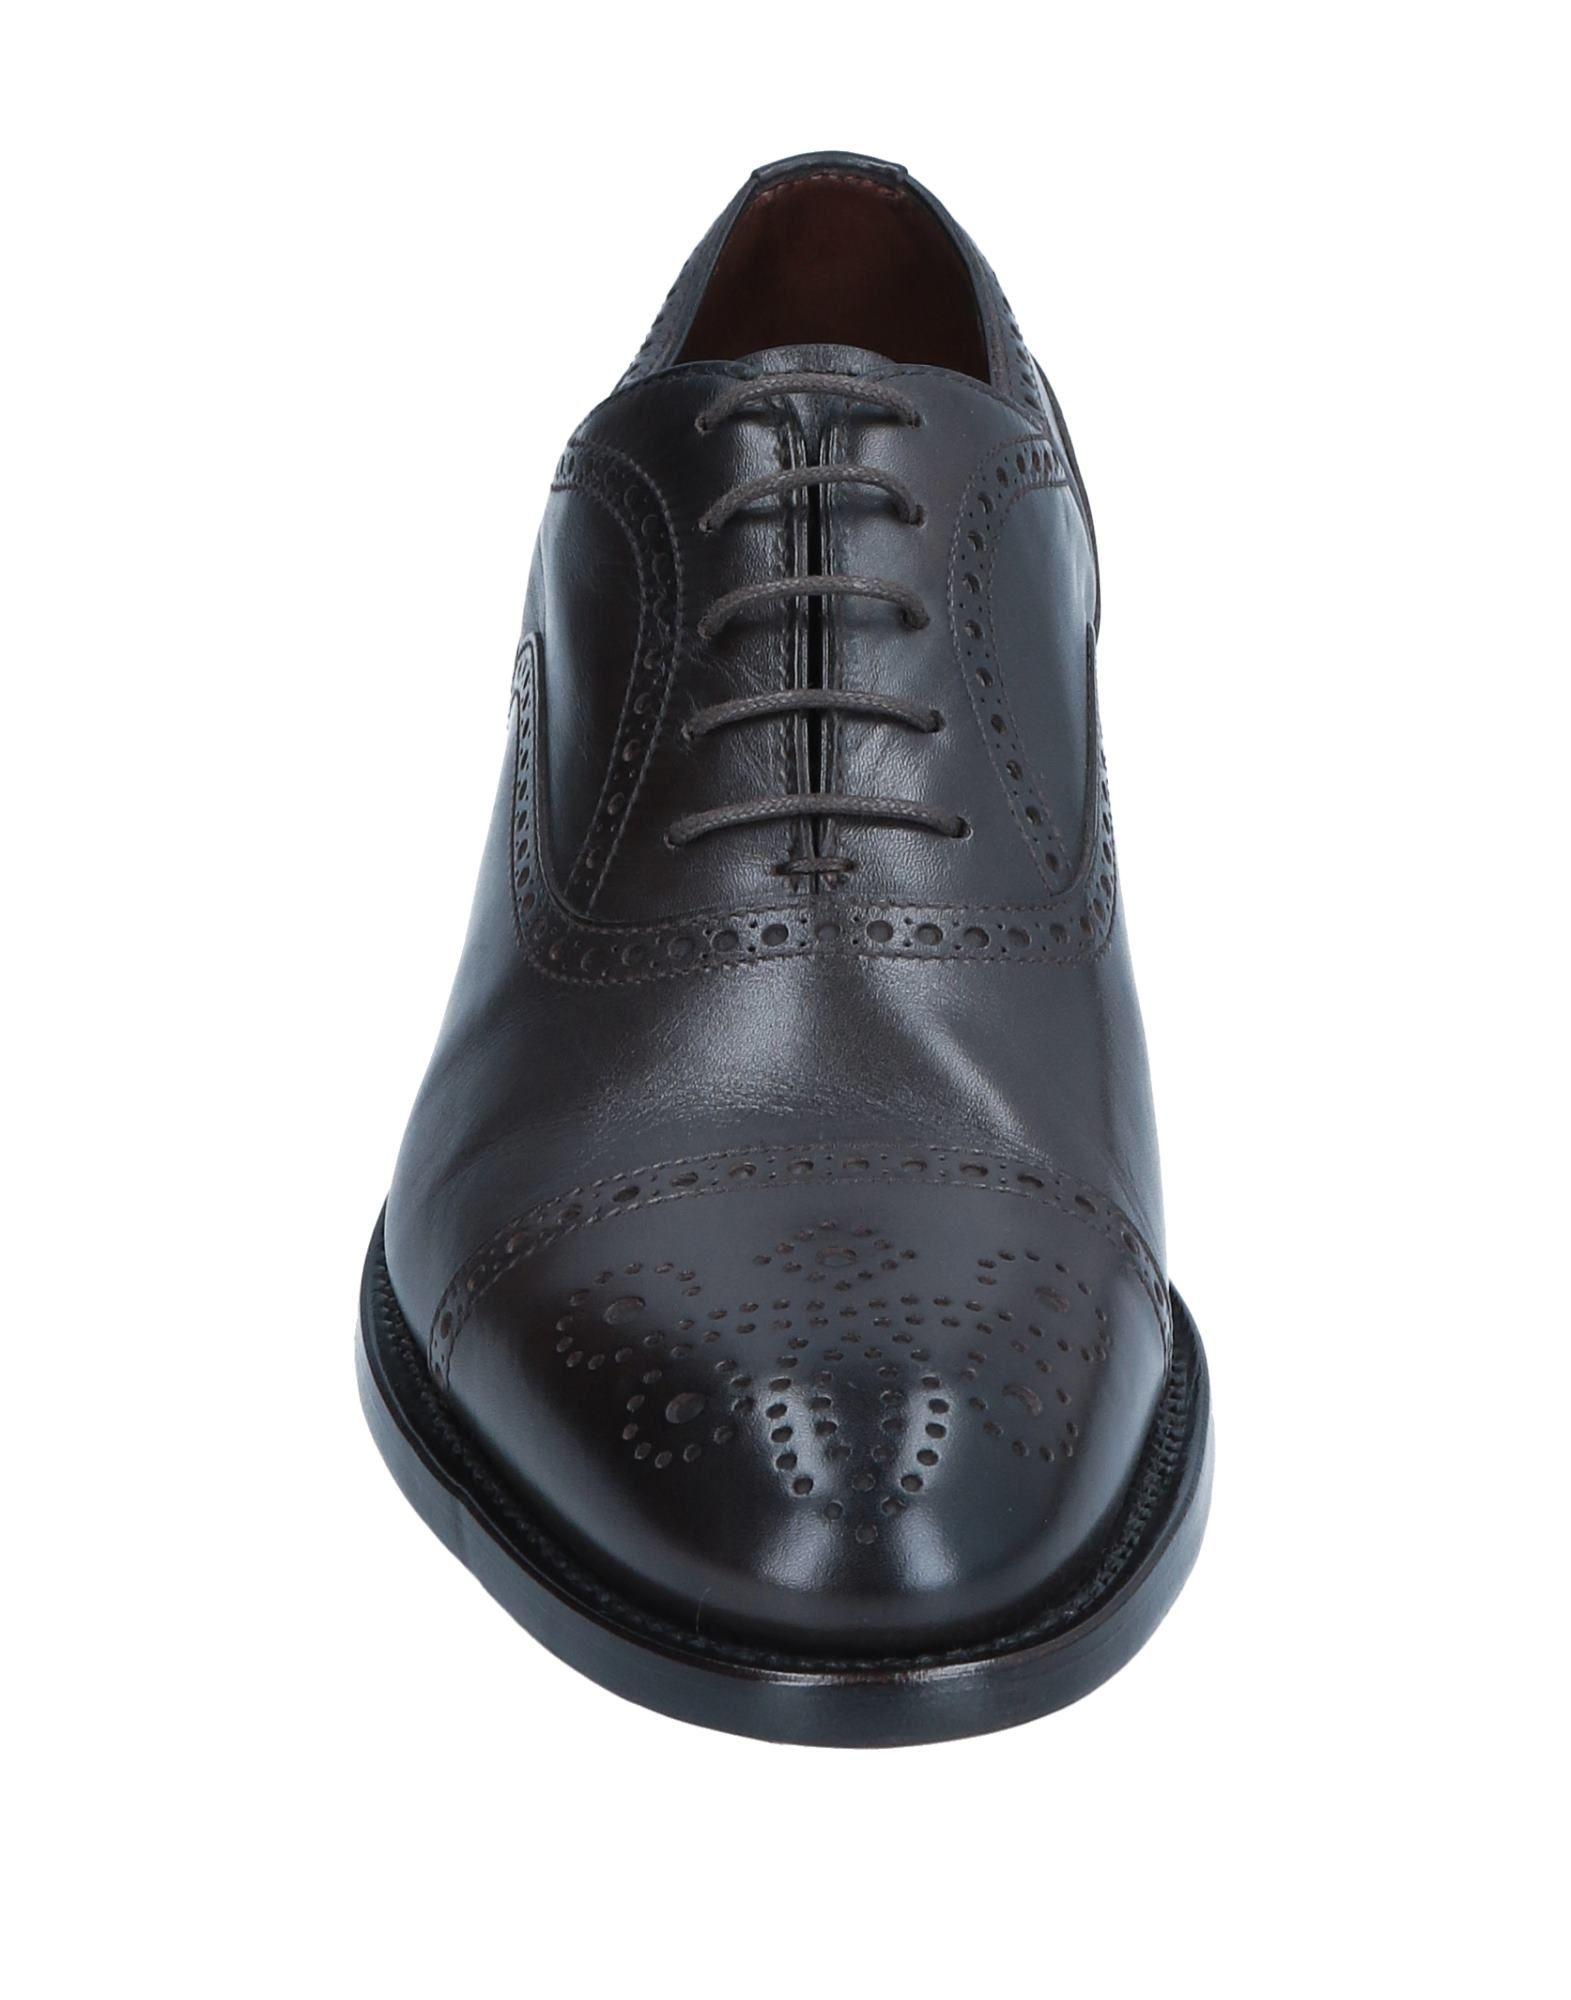 Fratelli Rossetti Schnürschuhe Herren  11556478FS Gute Qualität beliebte Schuhe